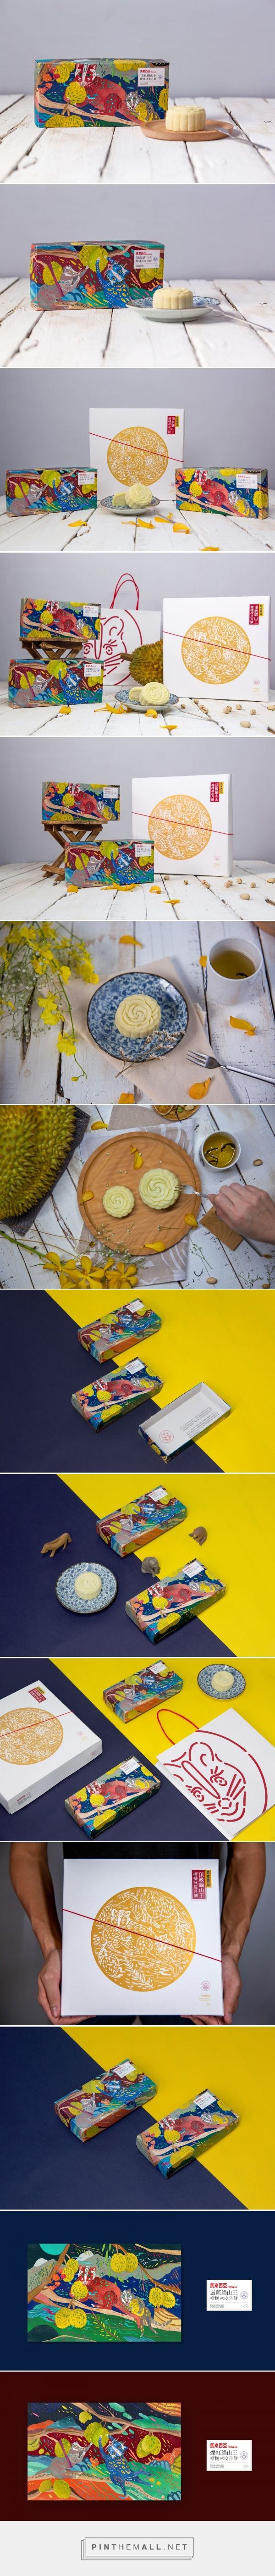 Musang Durian Moon Cake packaging design by Hi Nio (Taiwan) - http://www.packagingoftheworld.com/2016/07/musang-durian-moon-cake.html